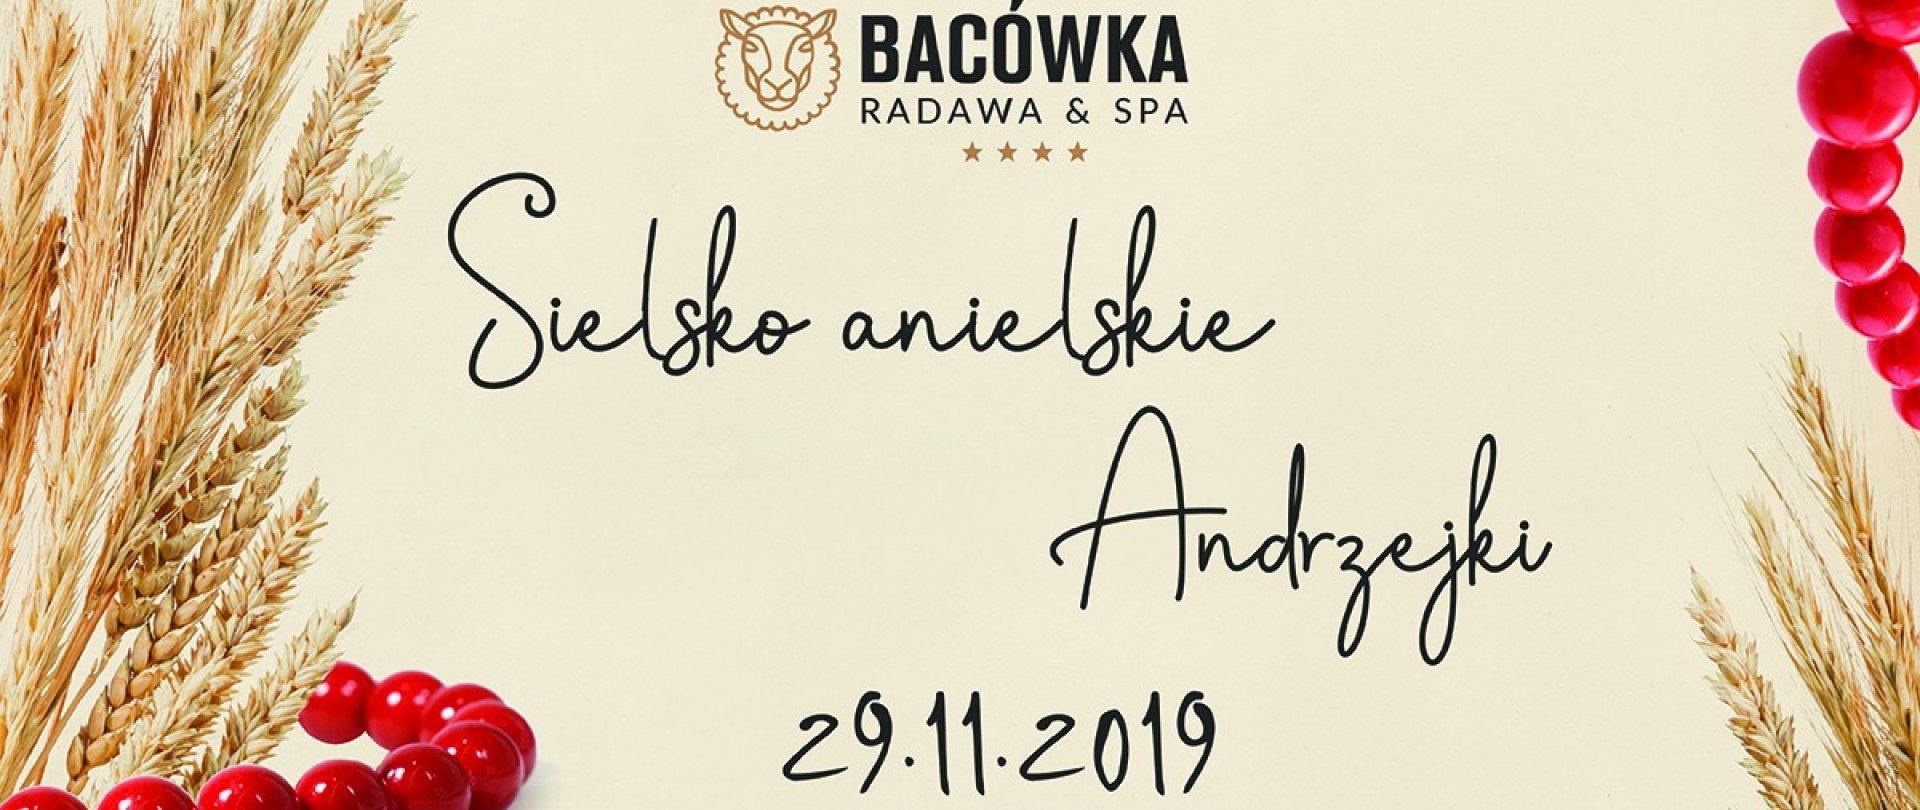 Sielsko anieleskie Andrzejki